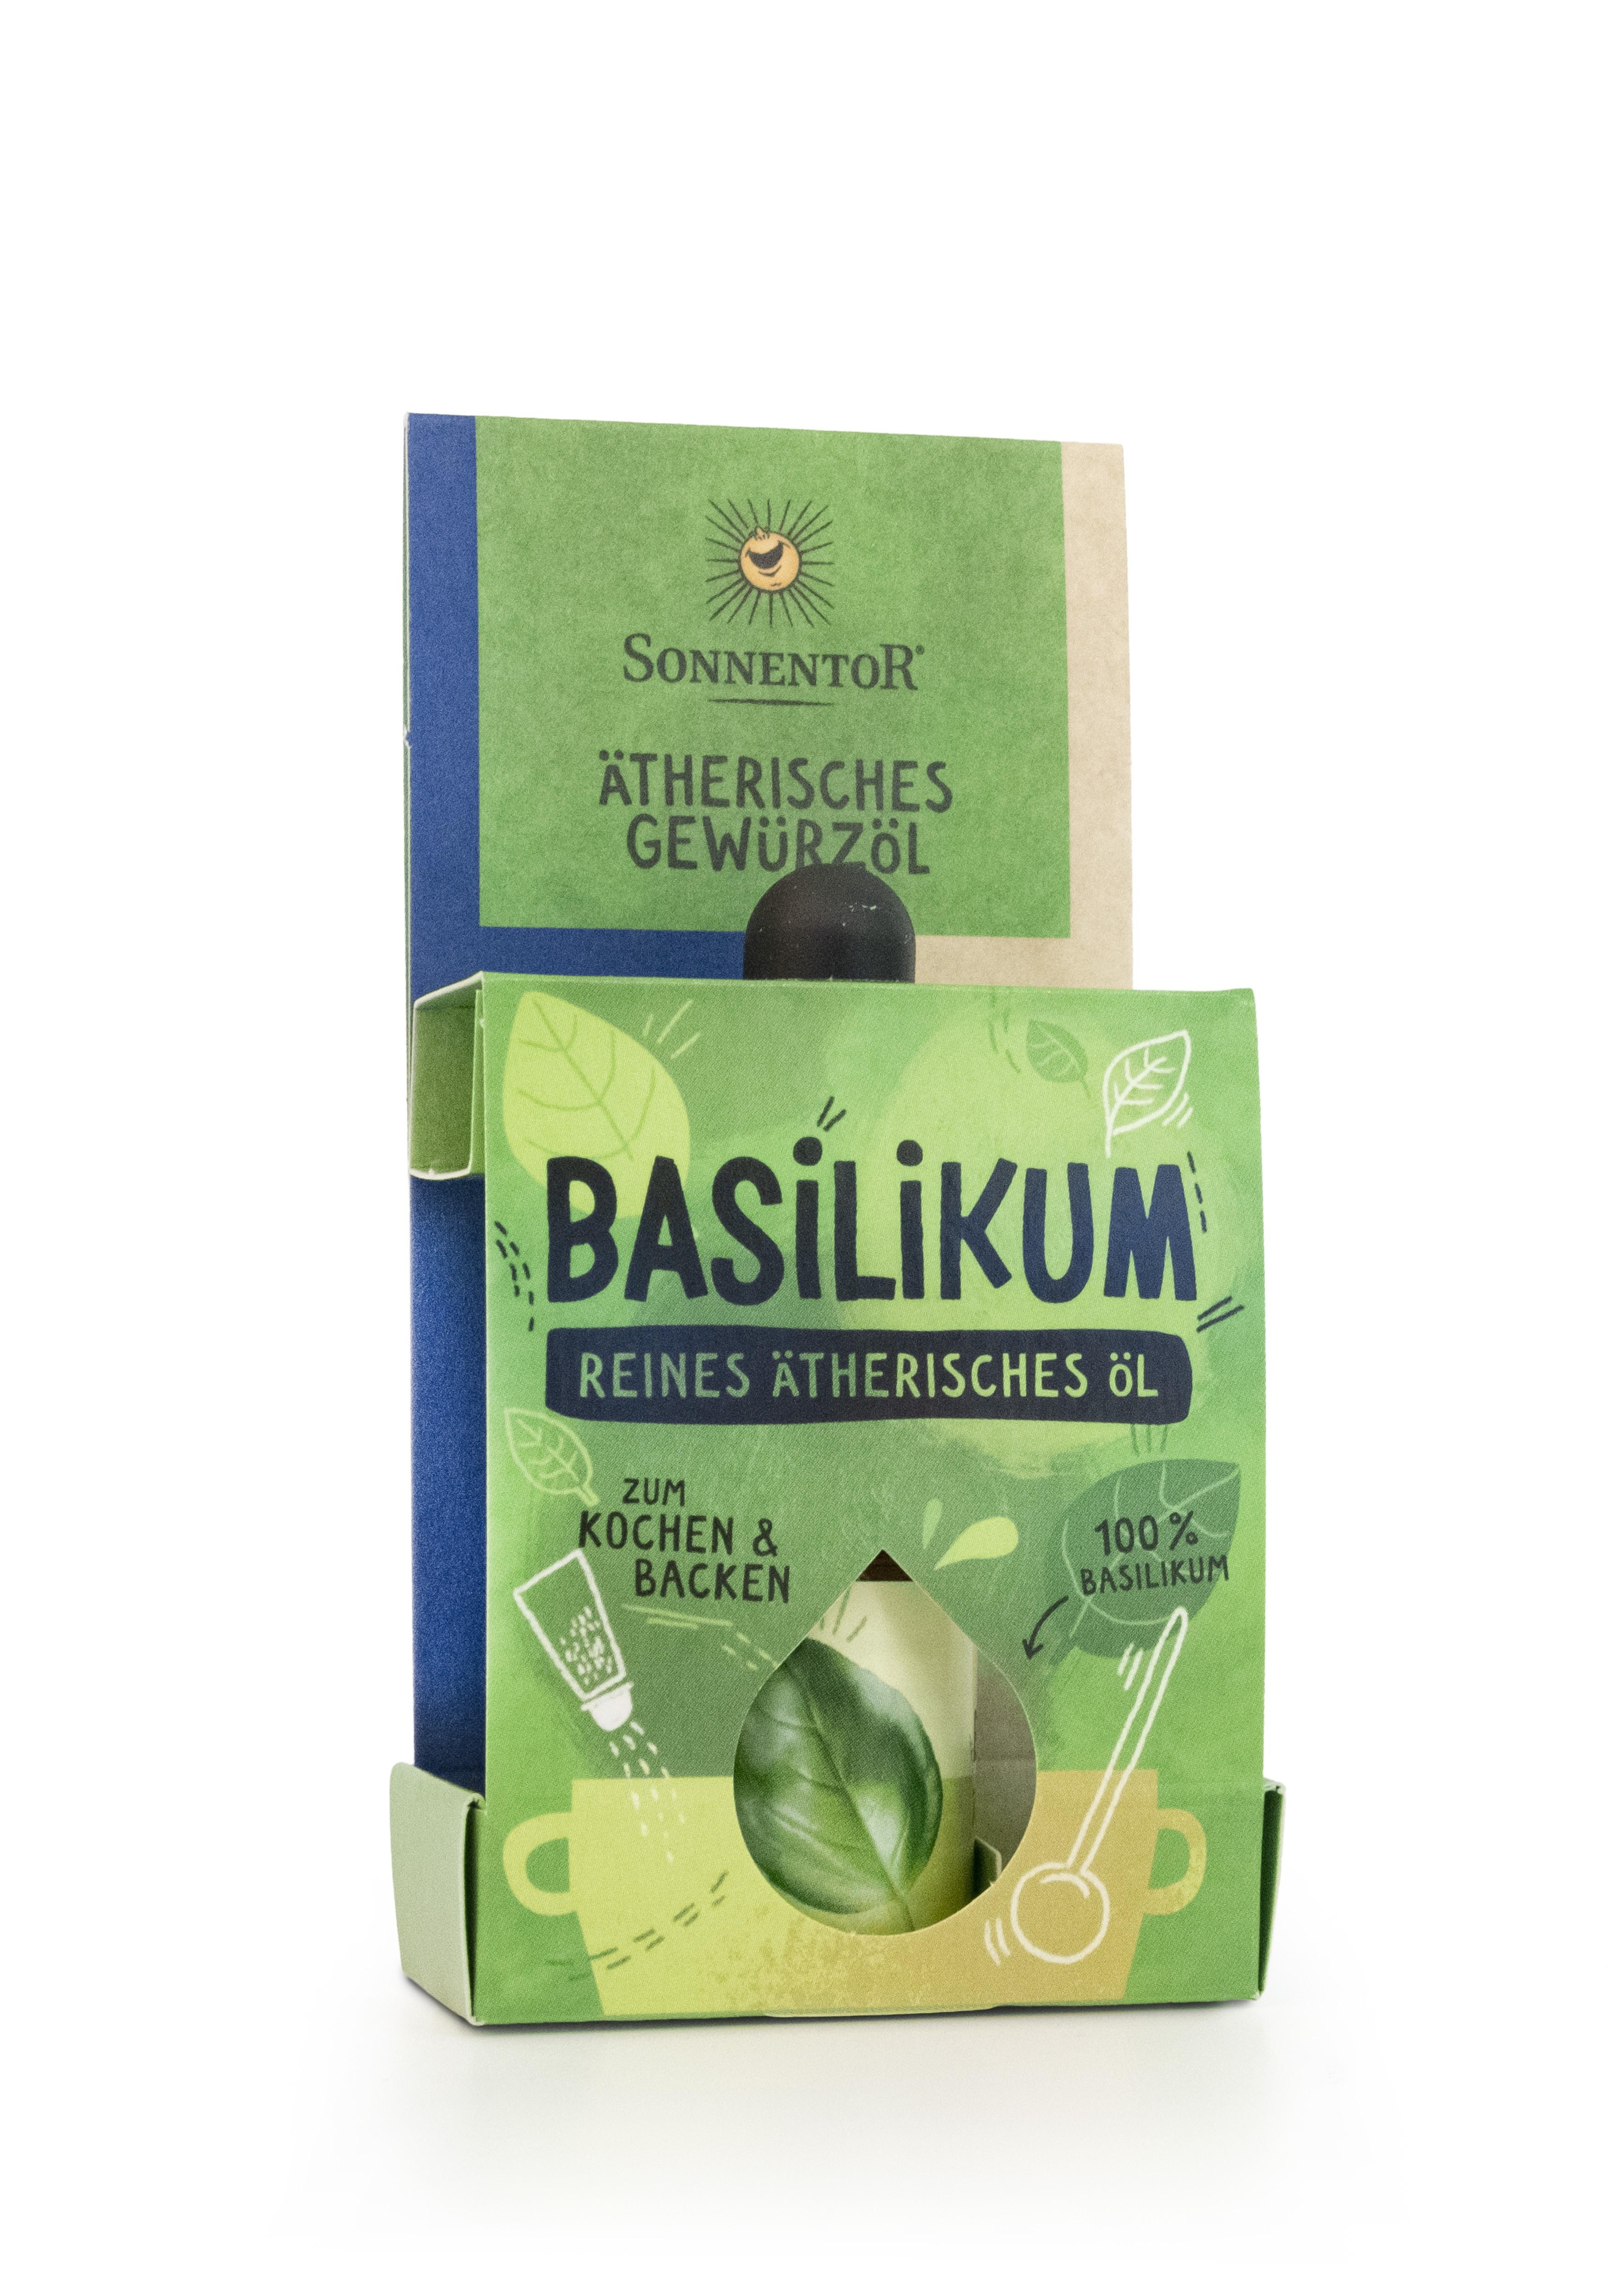 Basilikum ätherisches Gewürzöl 4,5ml bio